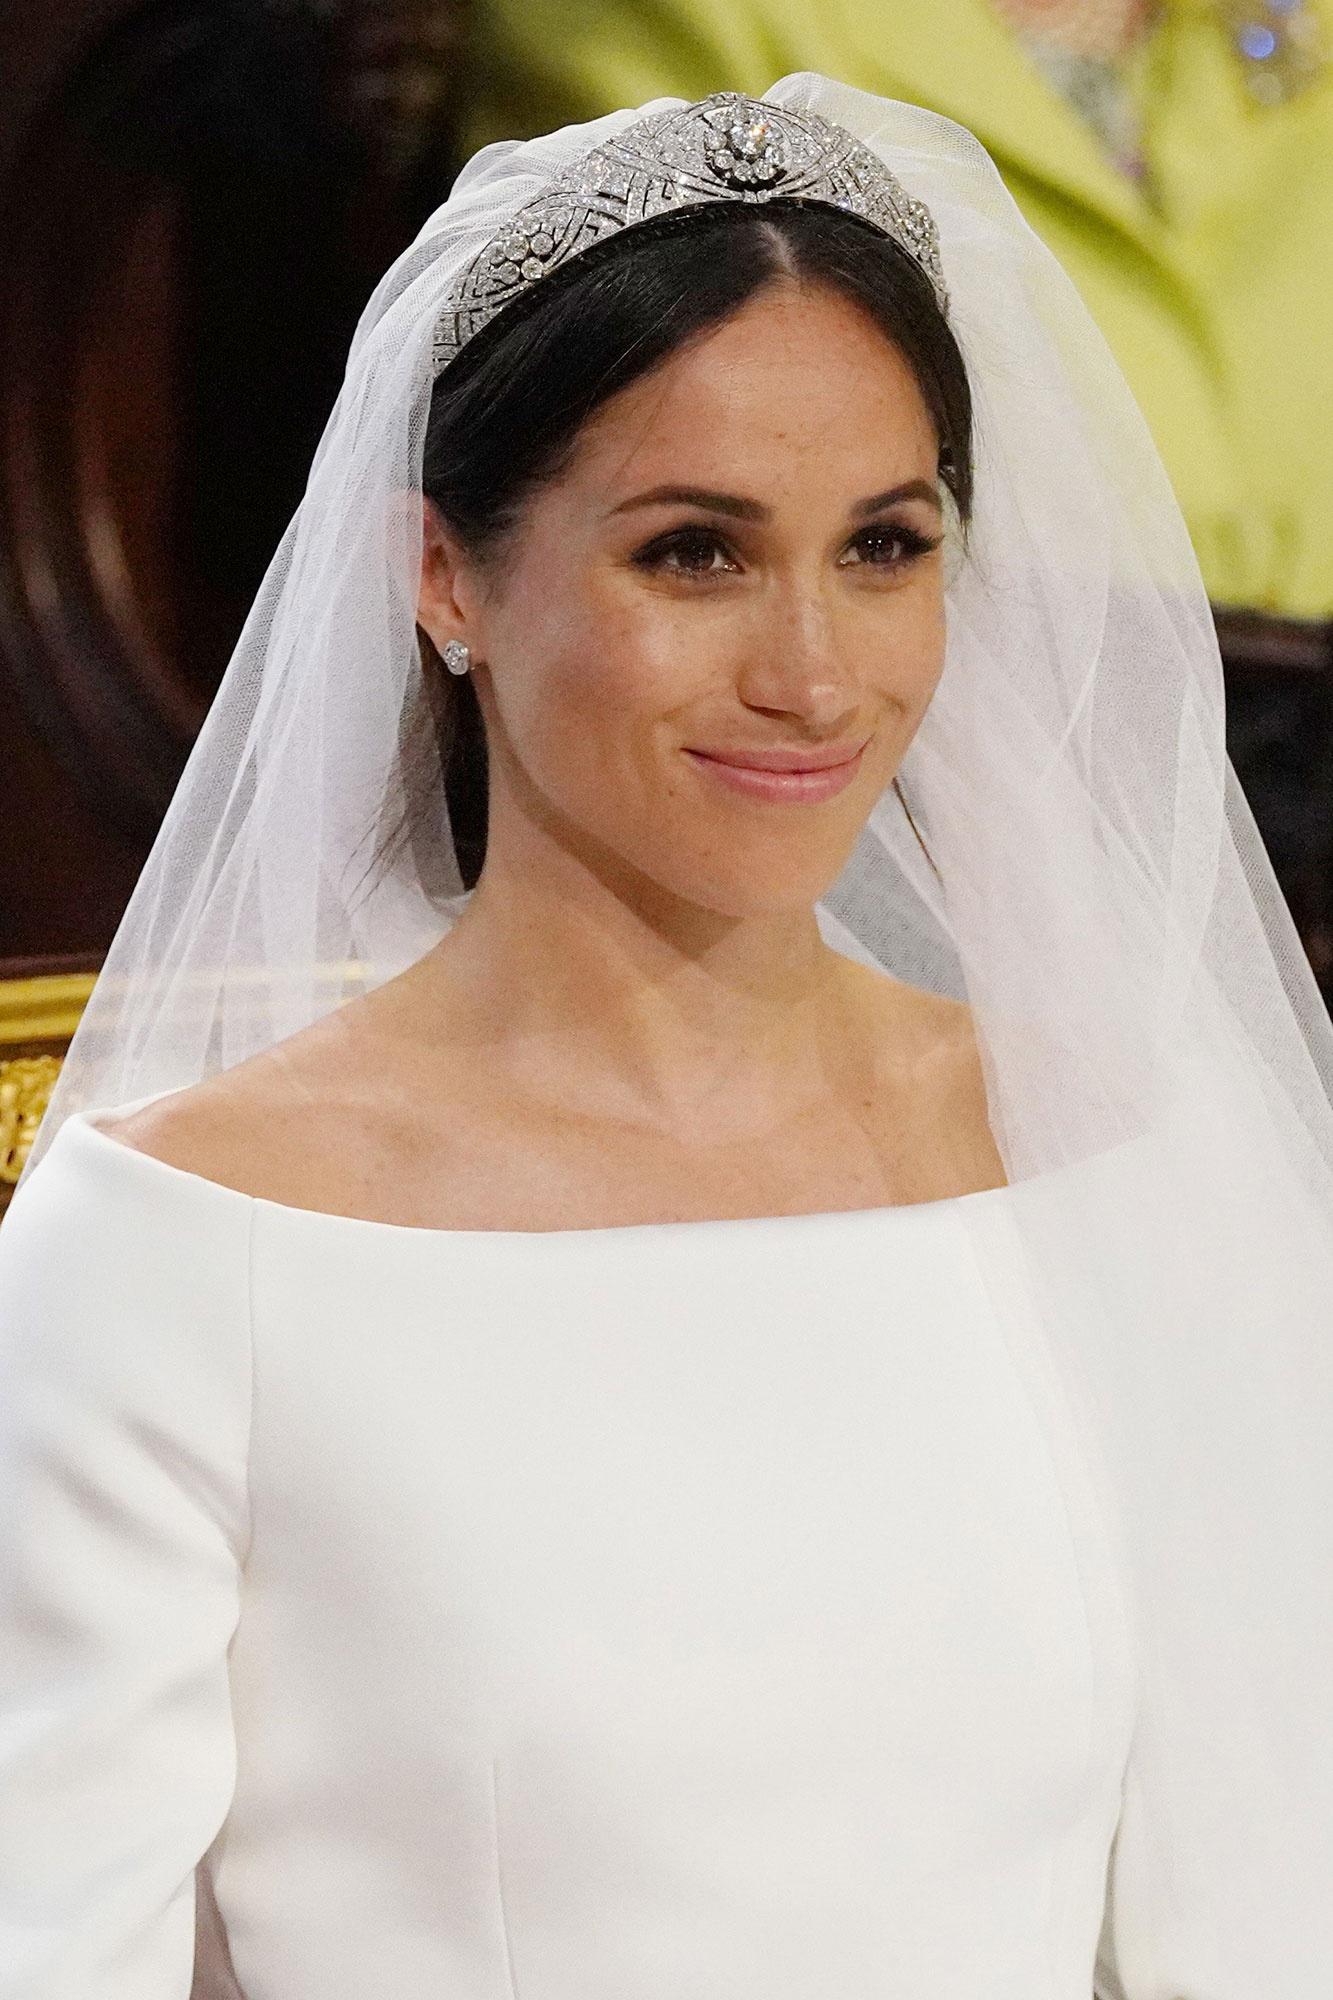 Meghan Markle đội vương miện trong ngày cưới. Ảnh: Getty